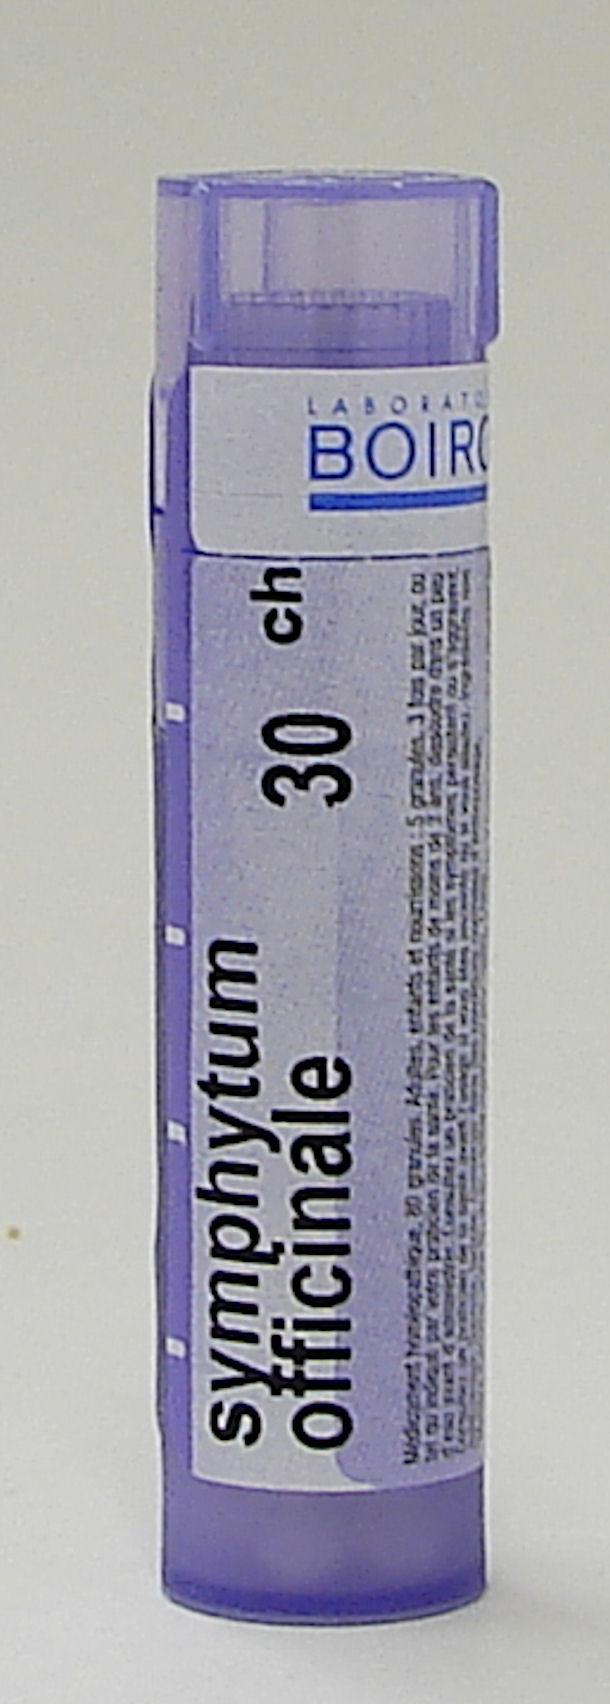 Symphytum Officinale, 30ch sublingual pellets (Boiron)